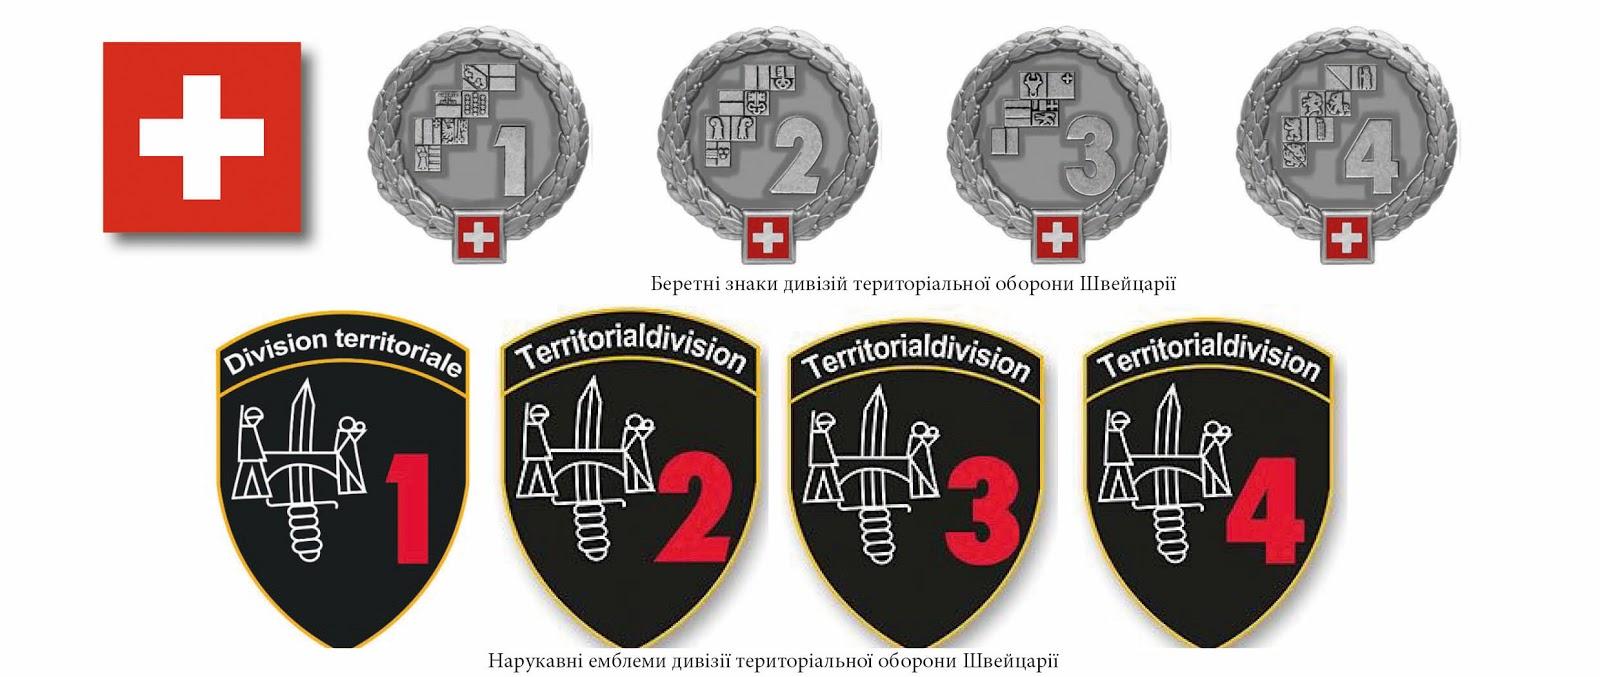 нарукавні емблеми тероборони ЗС Швейцарії